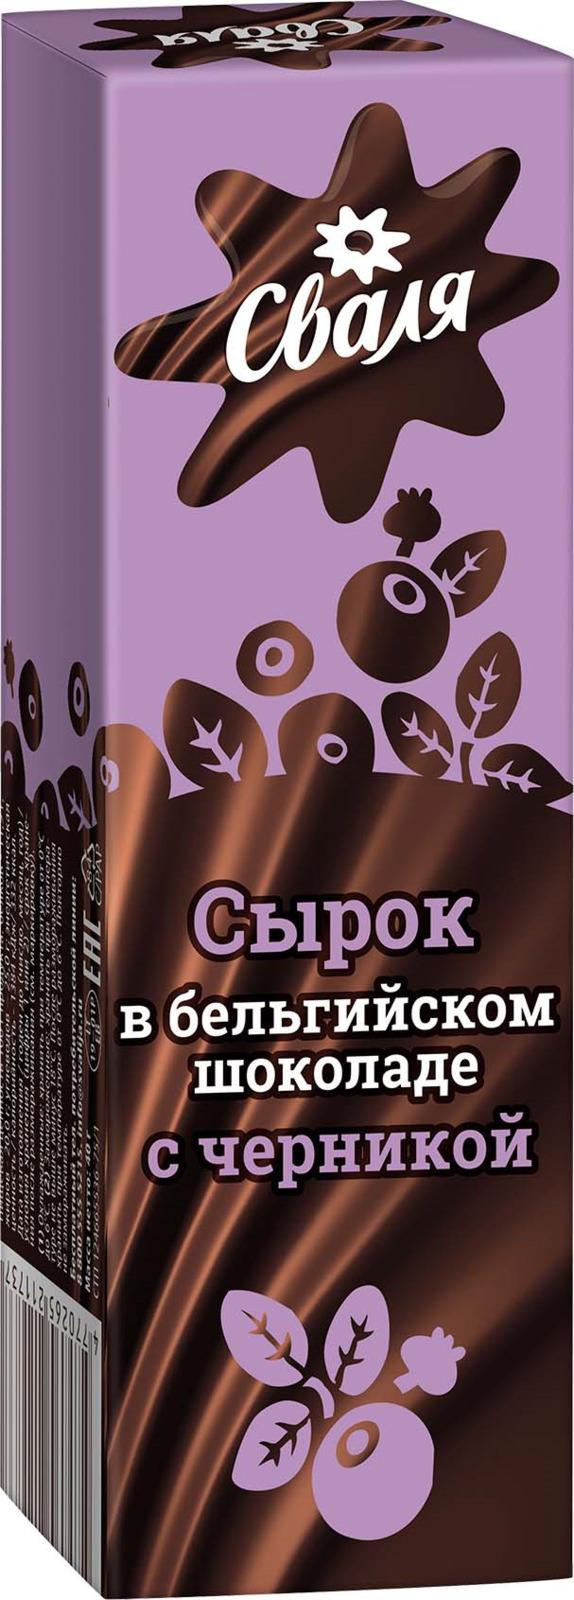 Фото - Сырок Сваля, творожный, глазированный, в бельгийском шоколаде, с черникой, 20%, 40 г молочные продукты